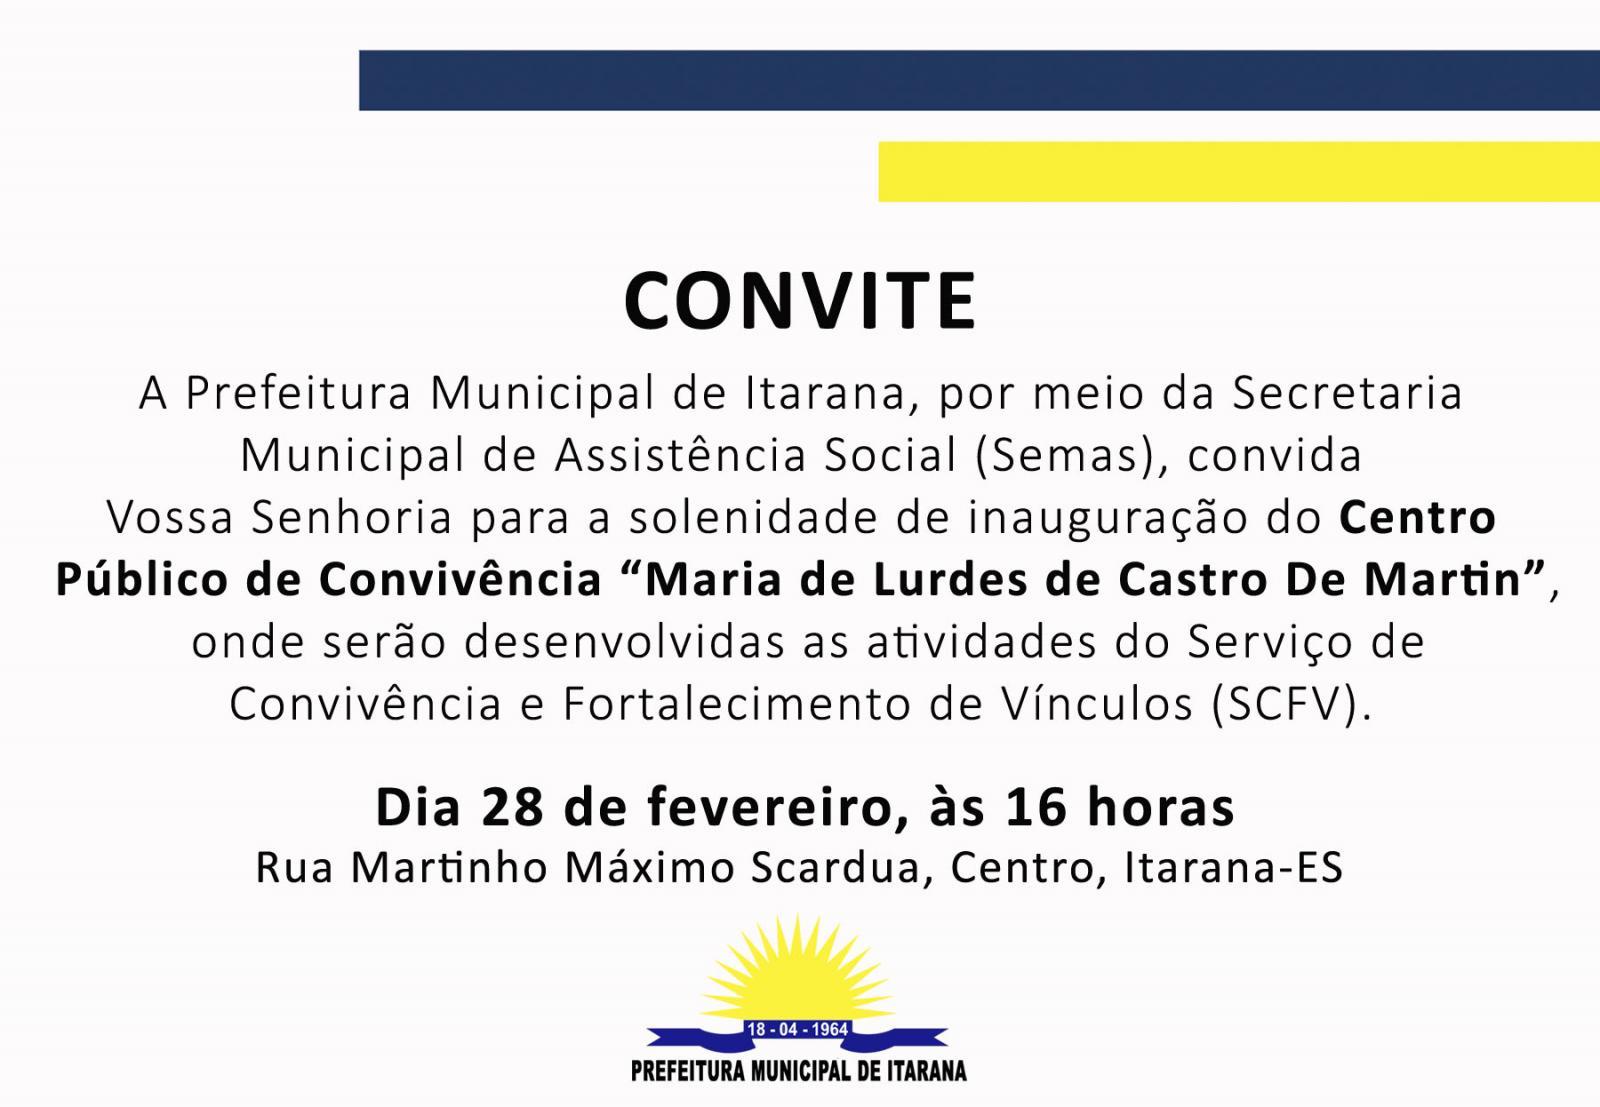 Convite: Centro Público de Convivência será inaugurado no dia 28 de fevereiro